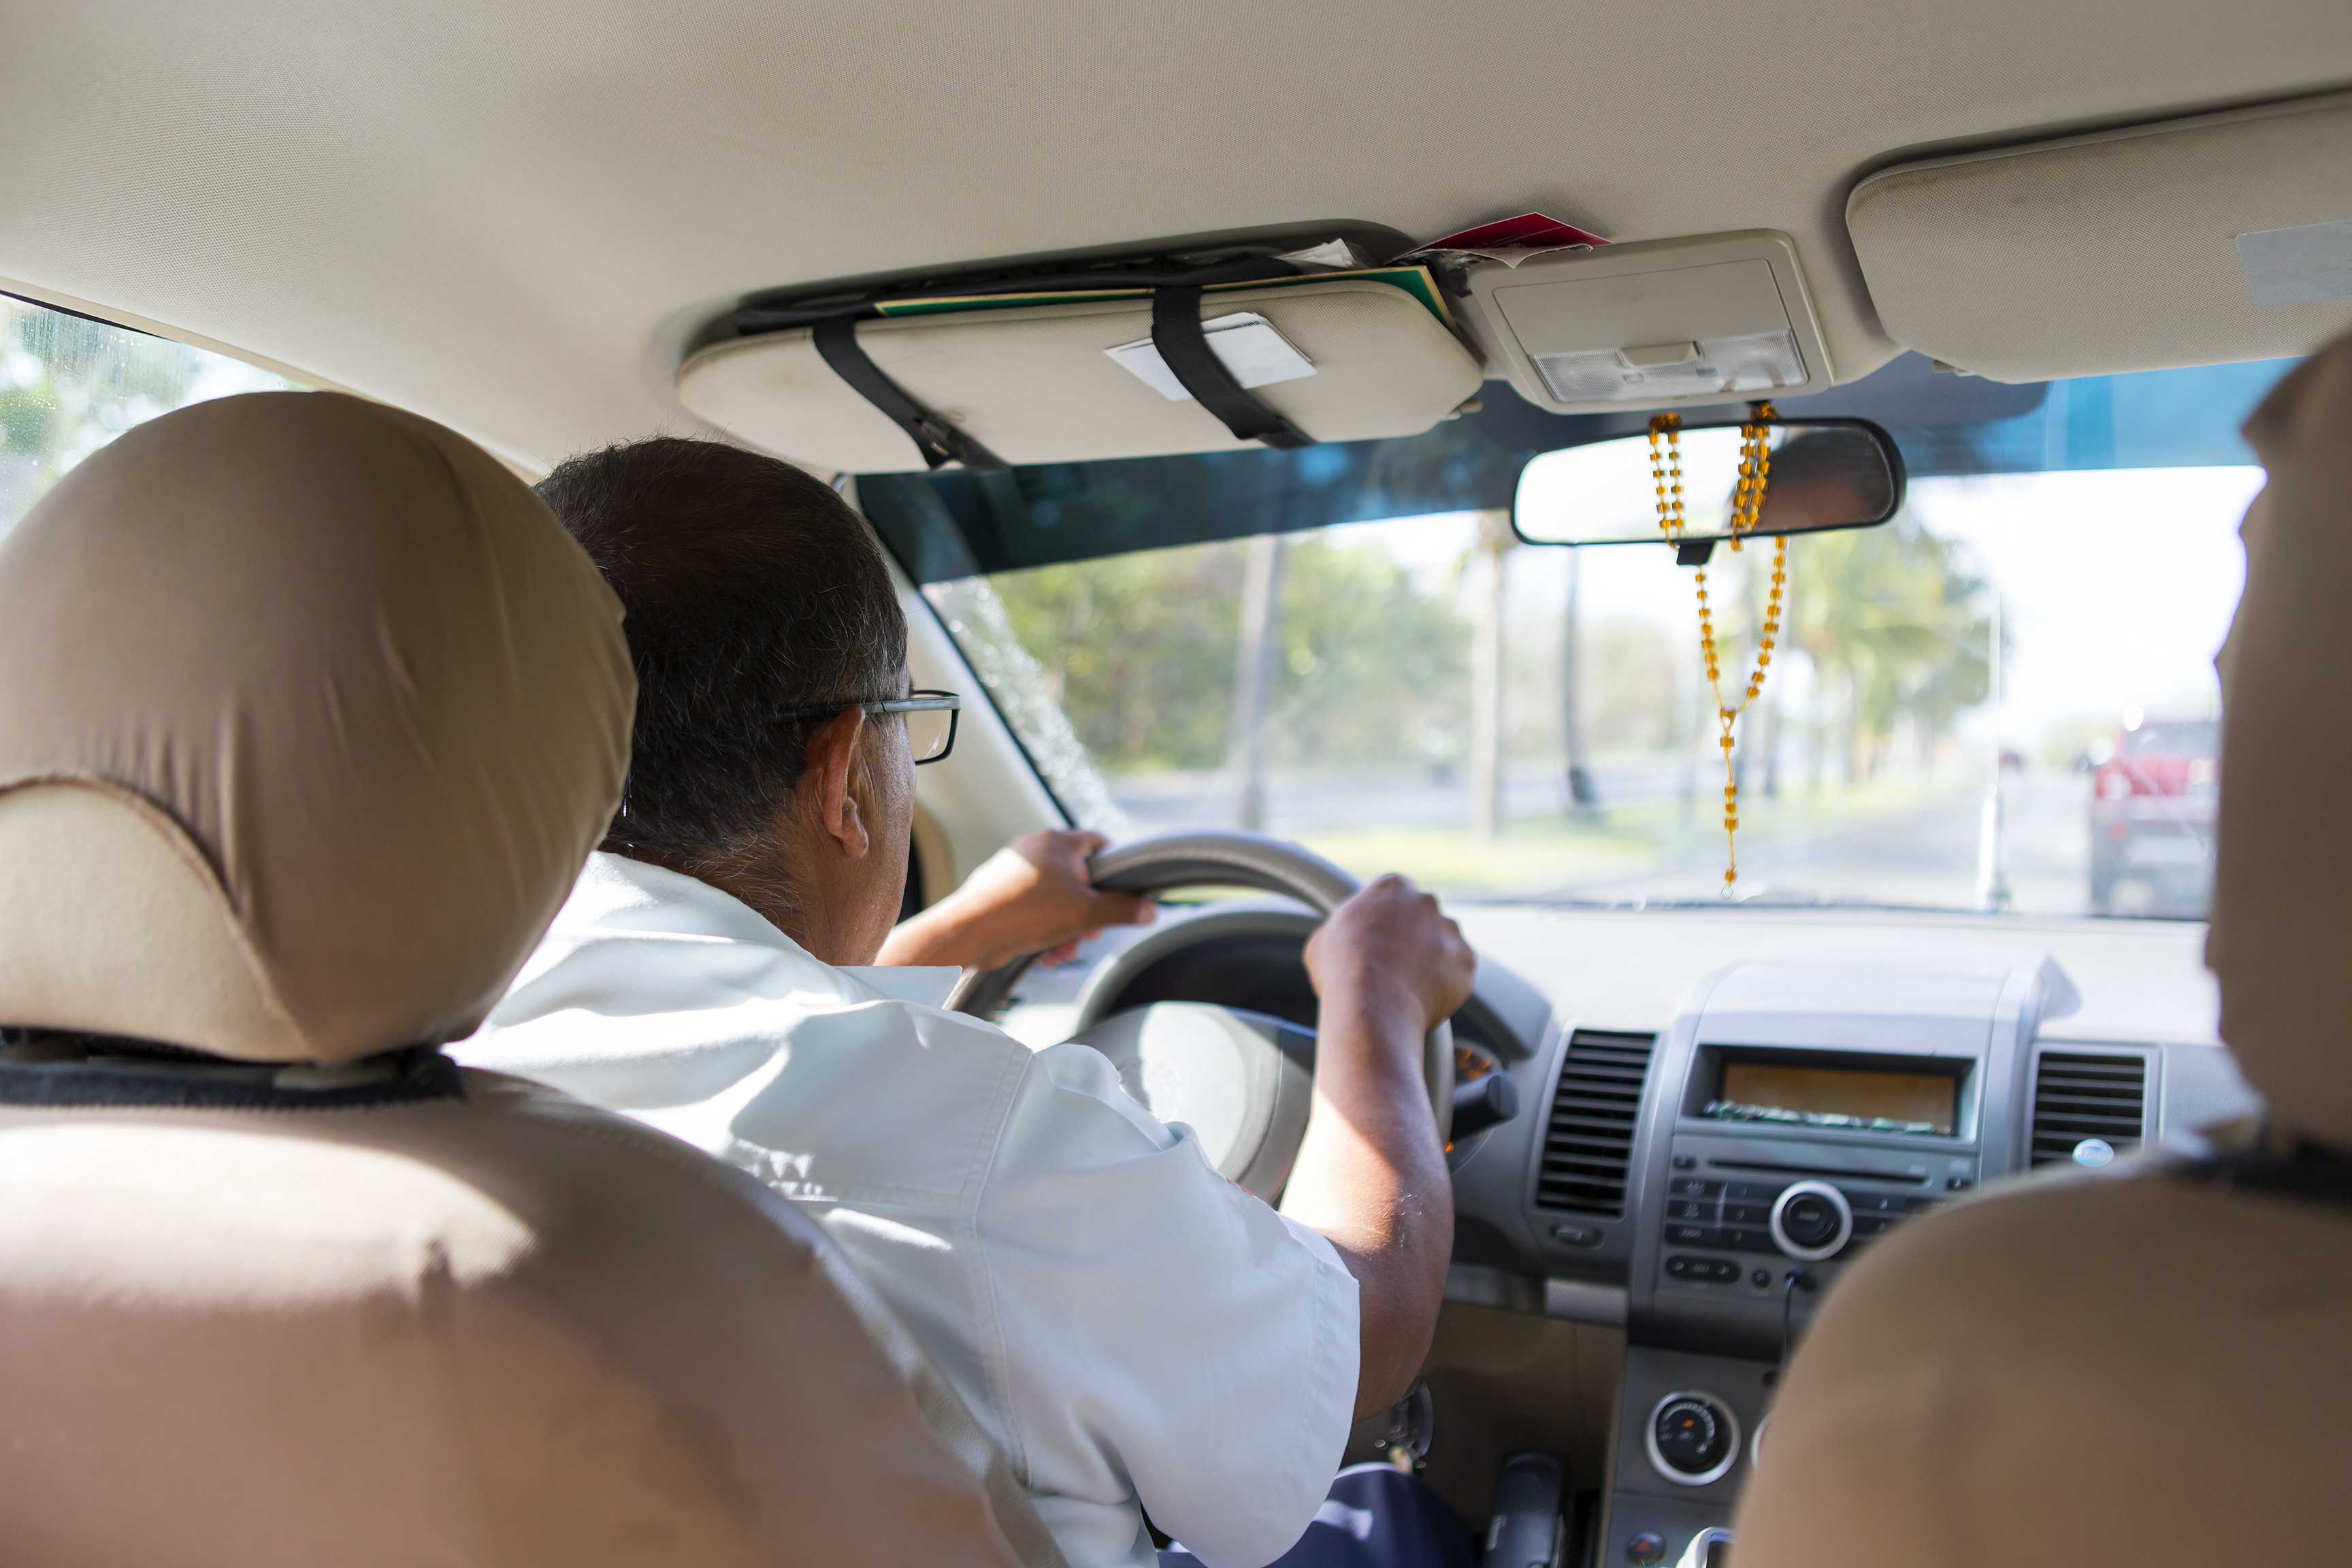 Las razones por las que Uber podría bloquearte